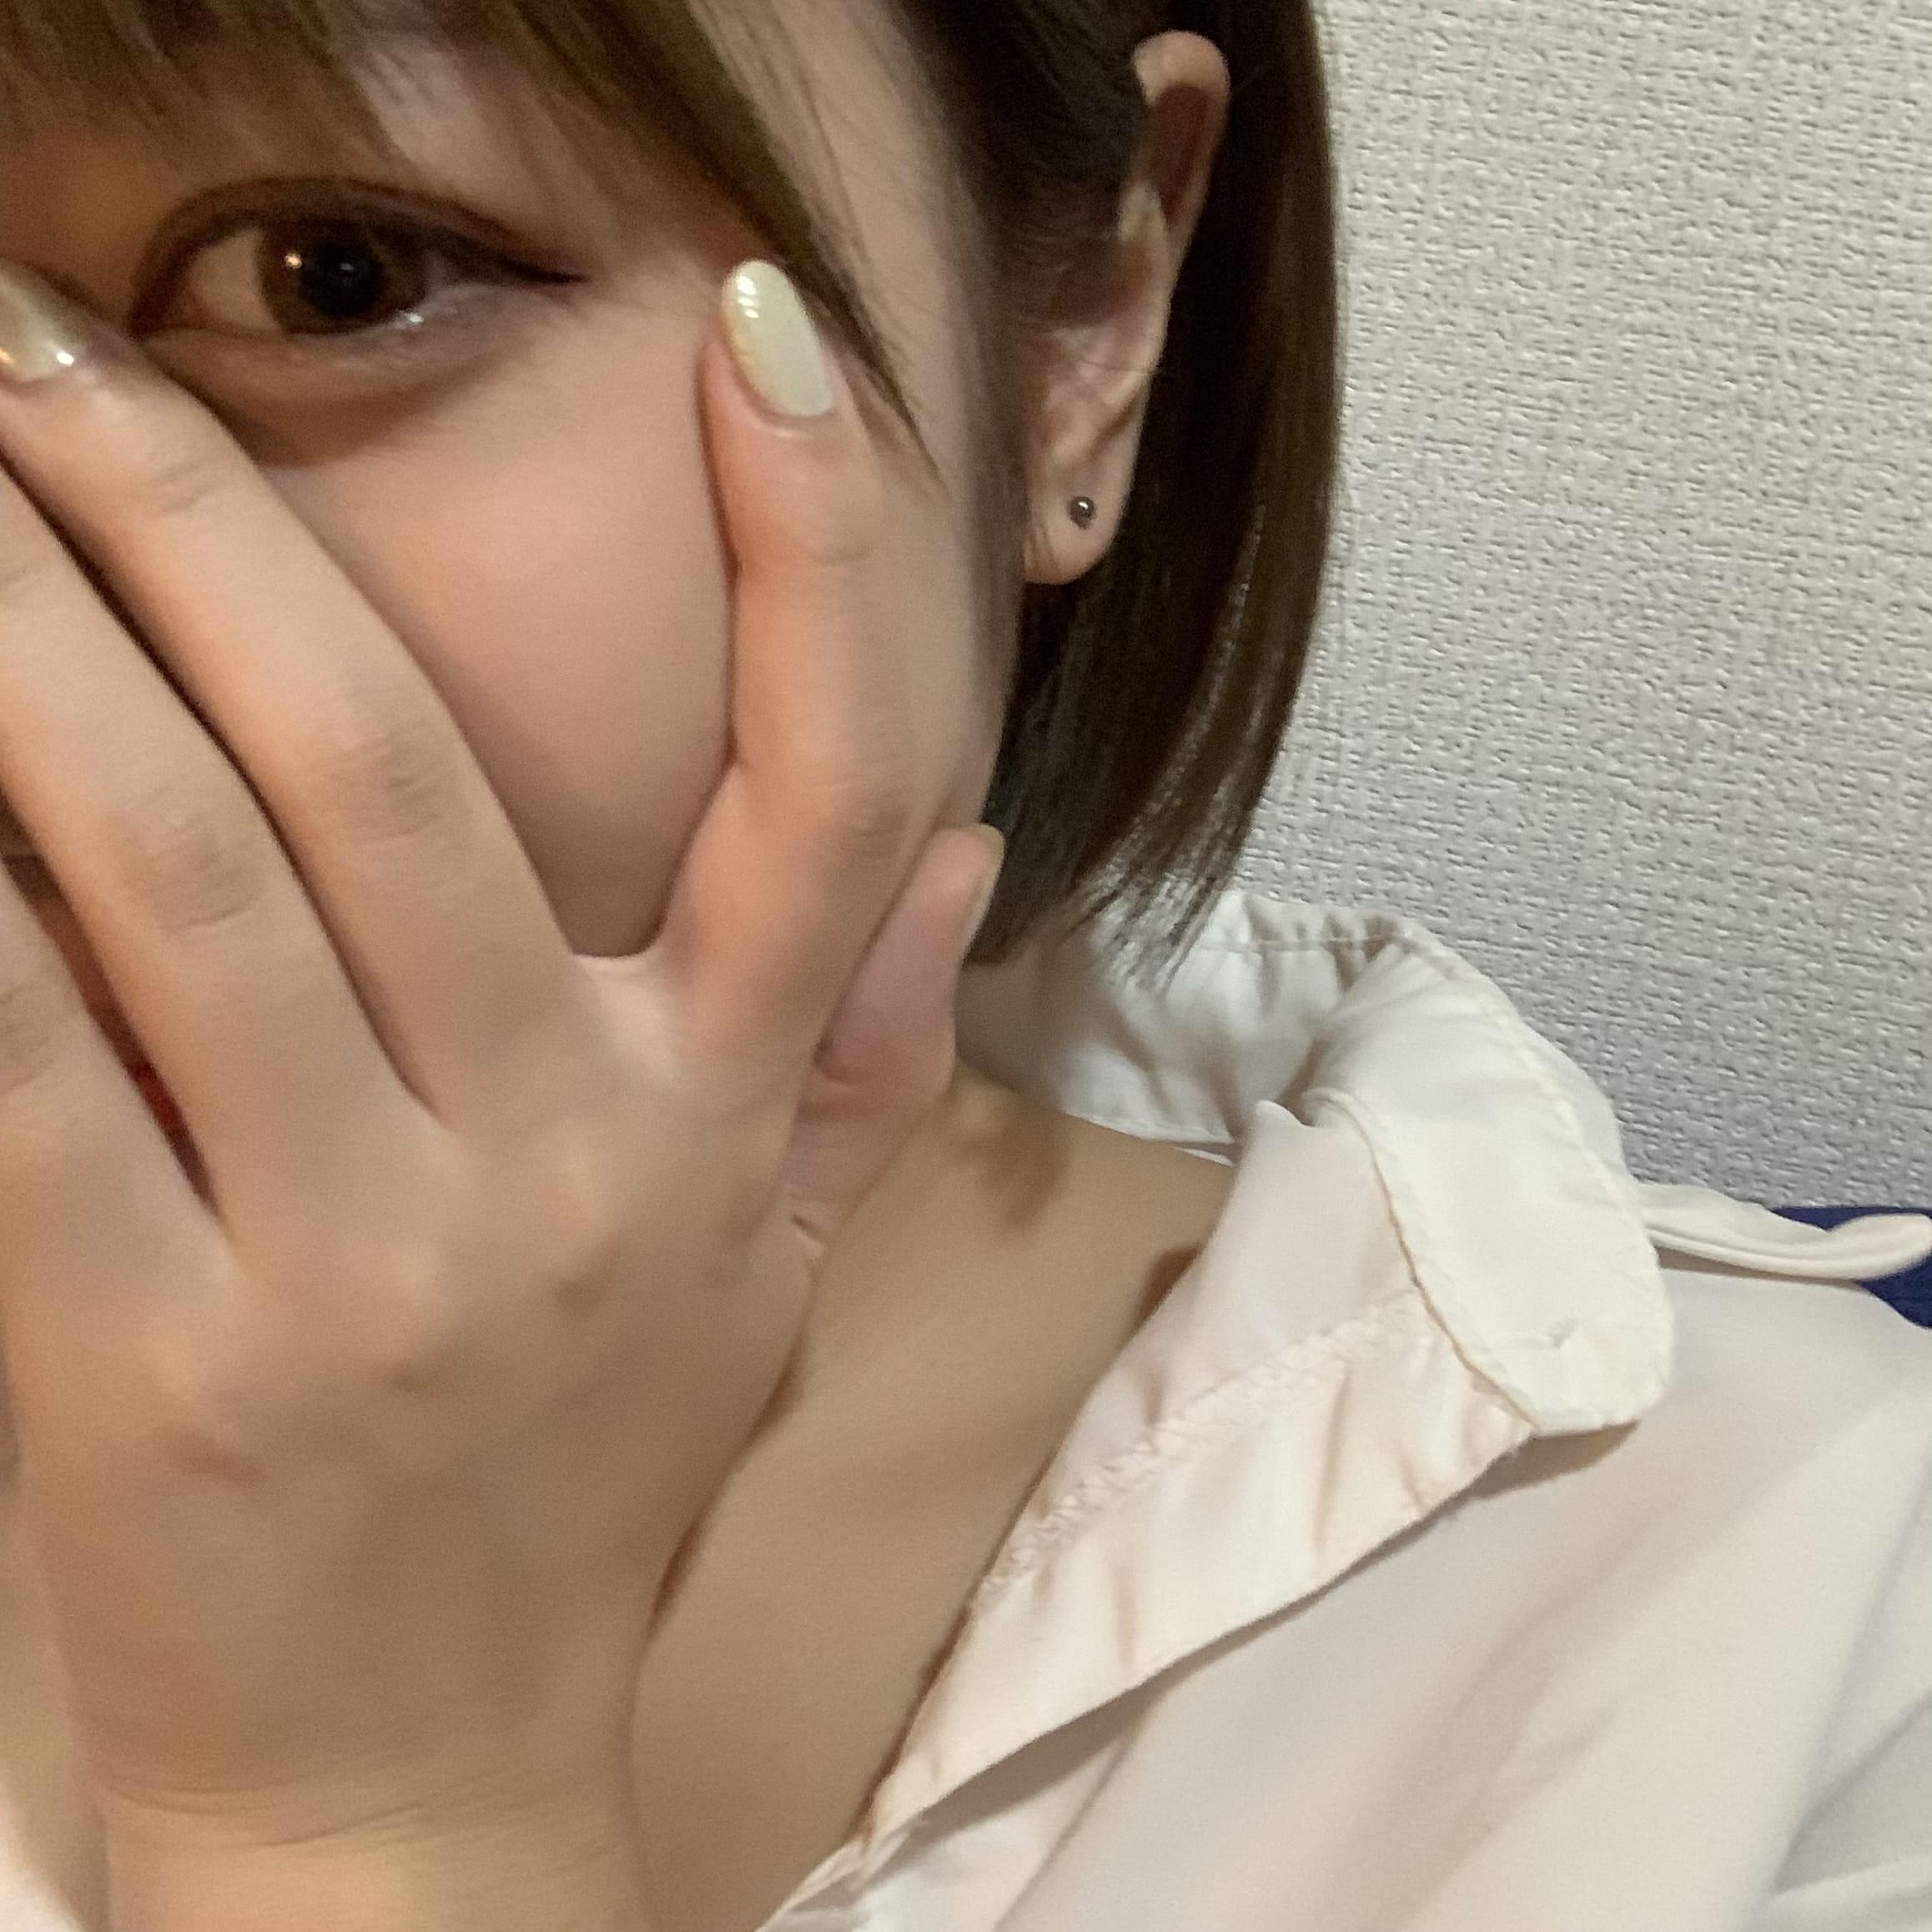 「お礼♡」07/21(水) 01:54 | 椿-tsubaki-の写メ日記